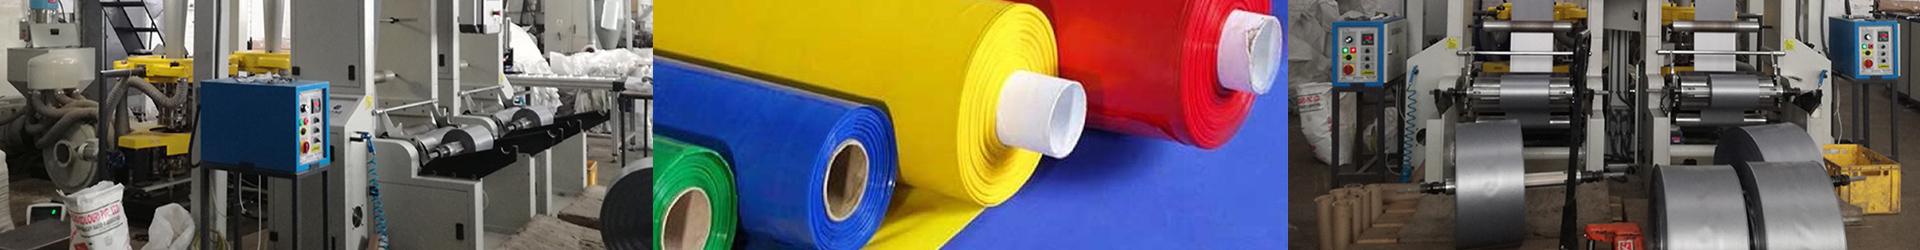 Егорпласт - производство полиэтиленовой упаковки